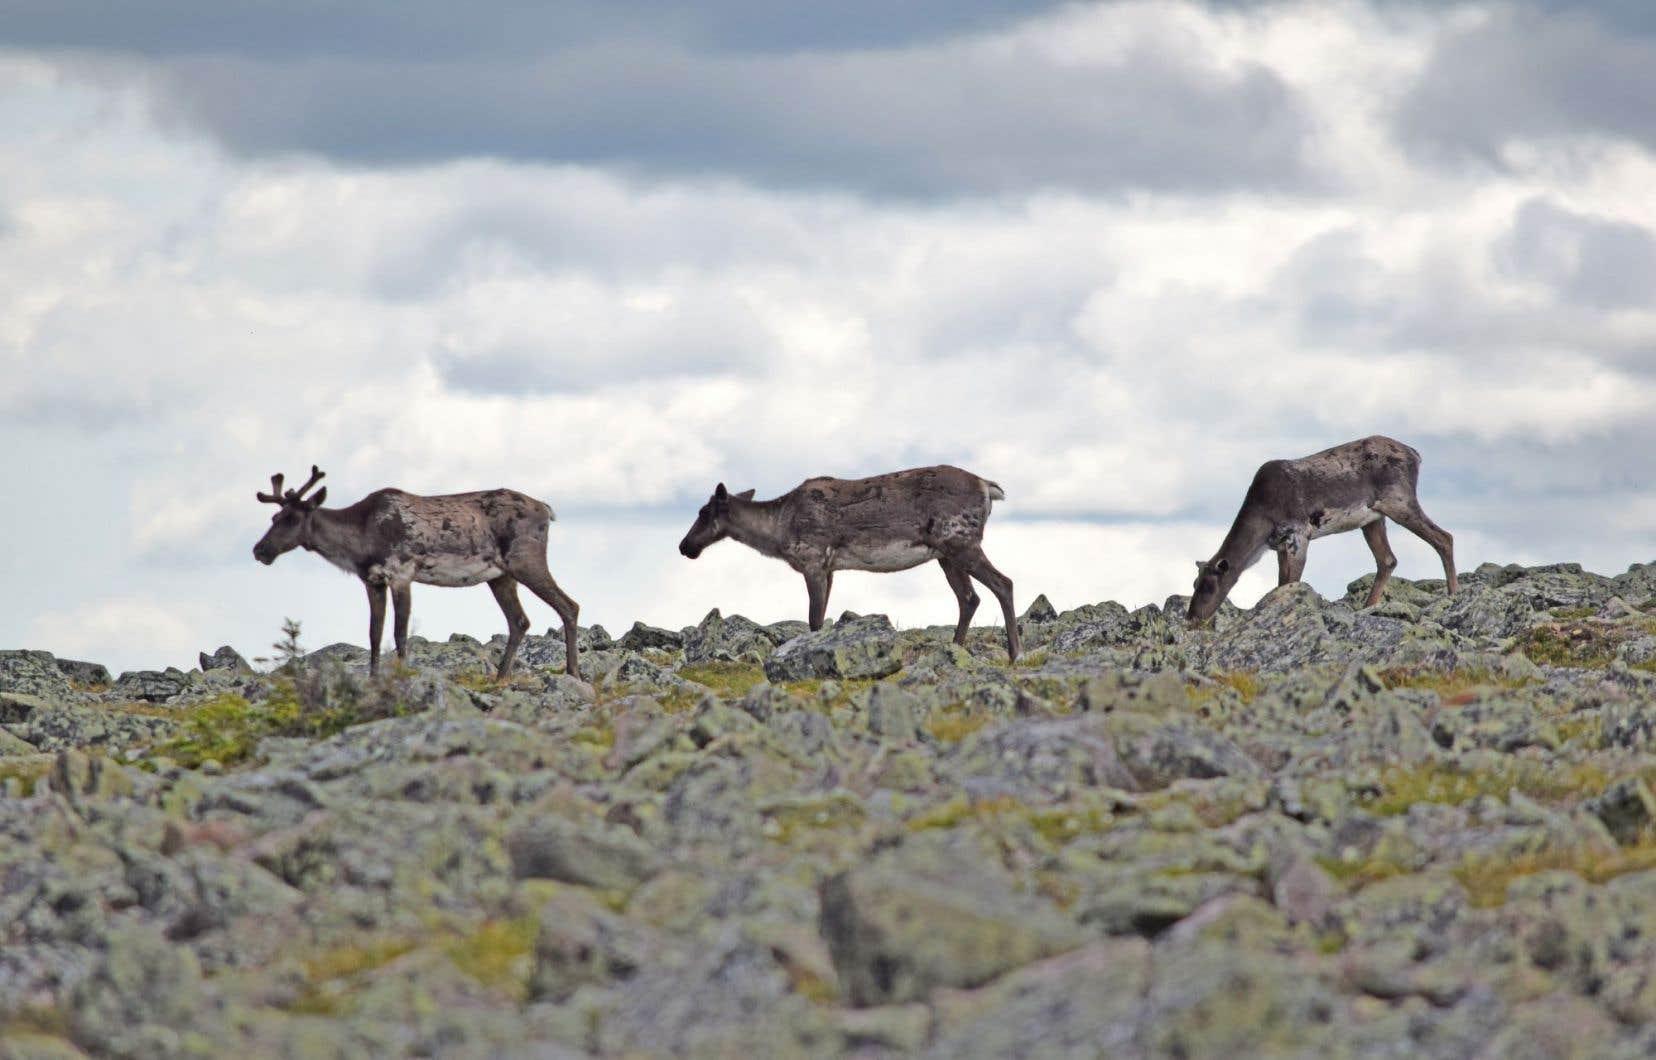 Le rapport du BAPE souligne qu'une étude de viabilité a été réalisée et publiée pour les caribous du Parc national de la Gaspésie (notre photo).